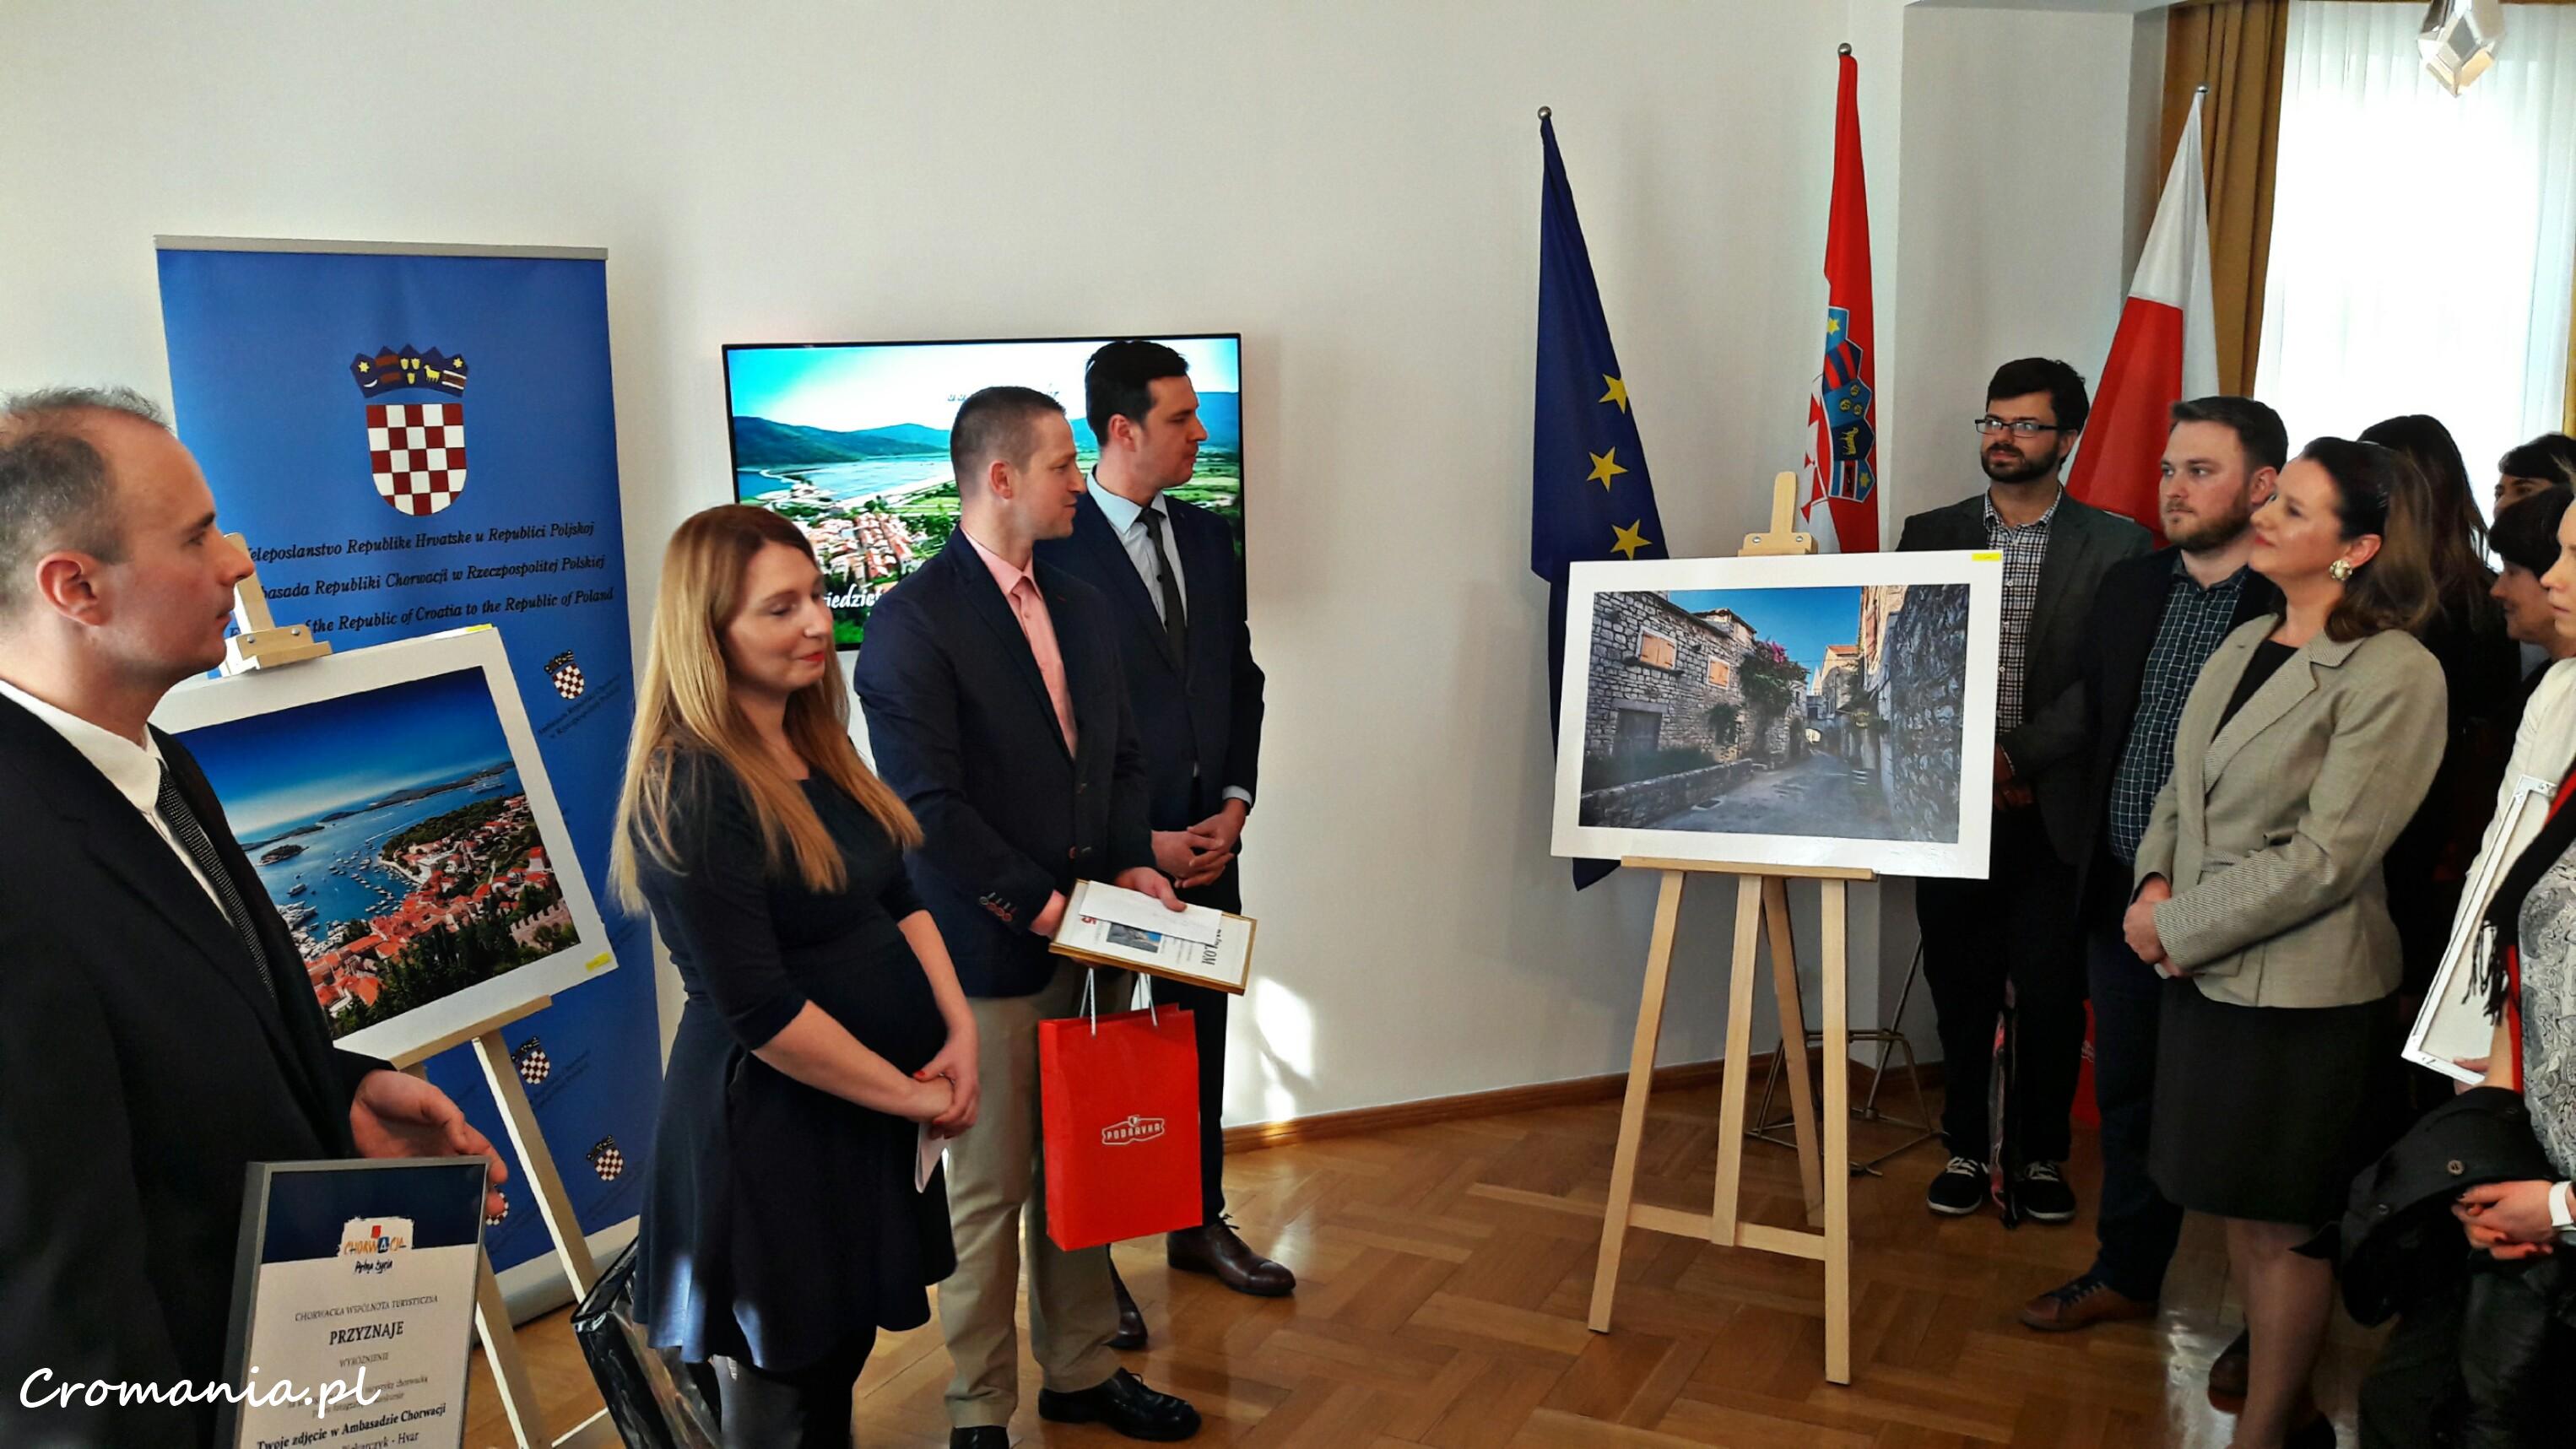 Rozdanie nagród w konkursie Twoje zdjęcie w Ambasadzie